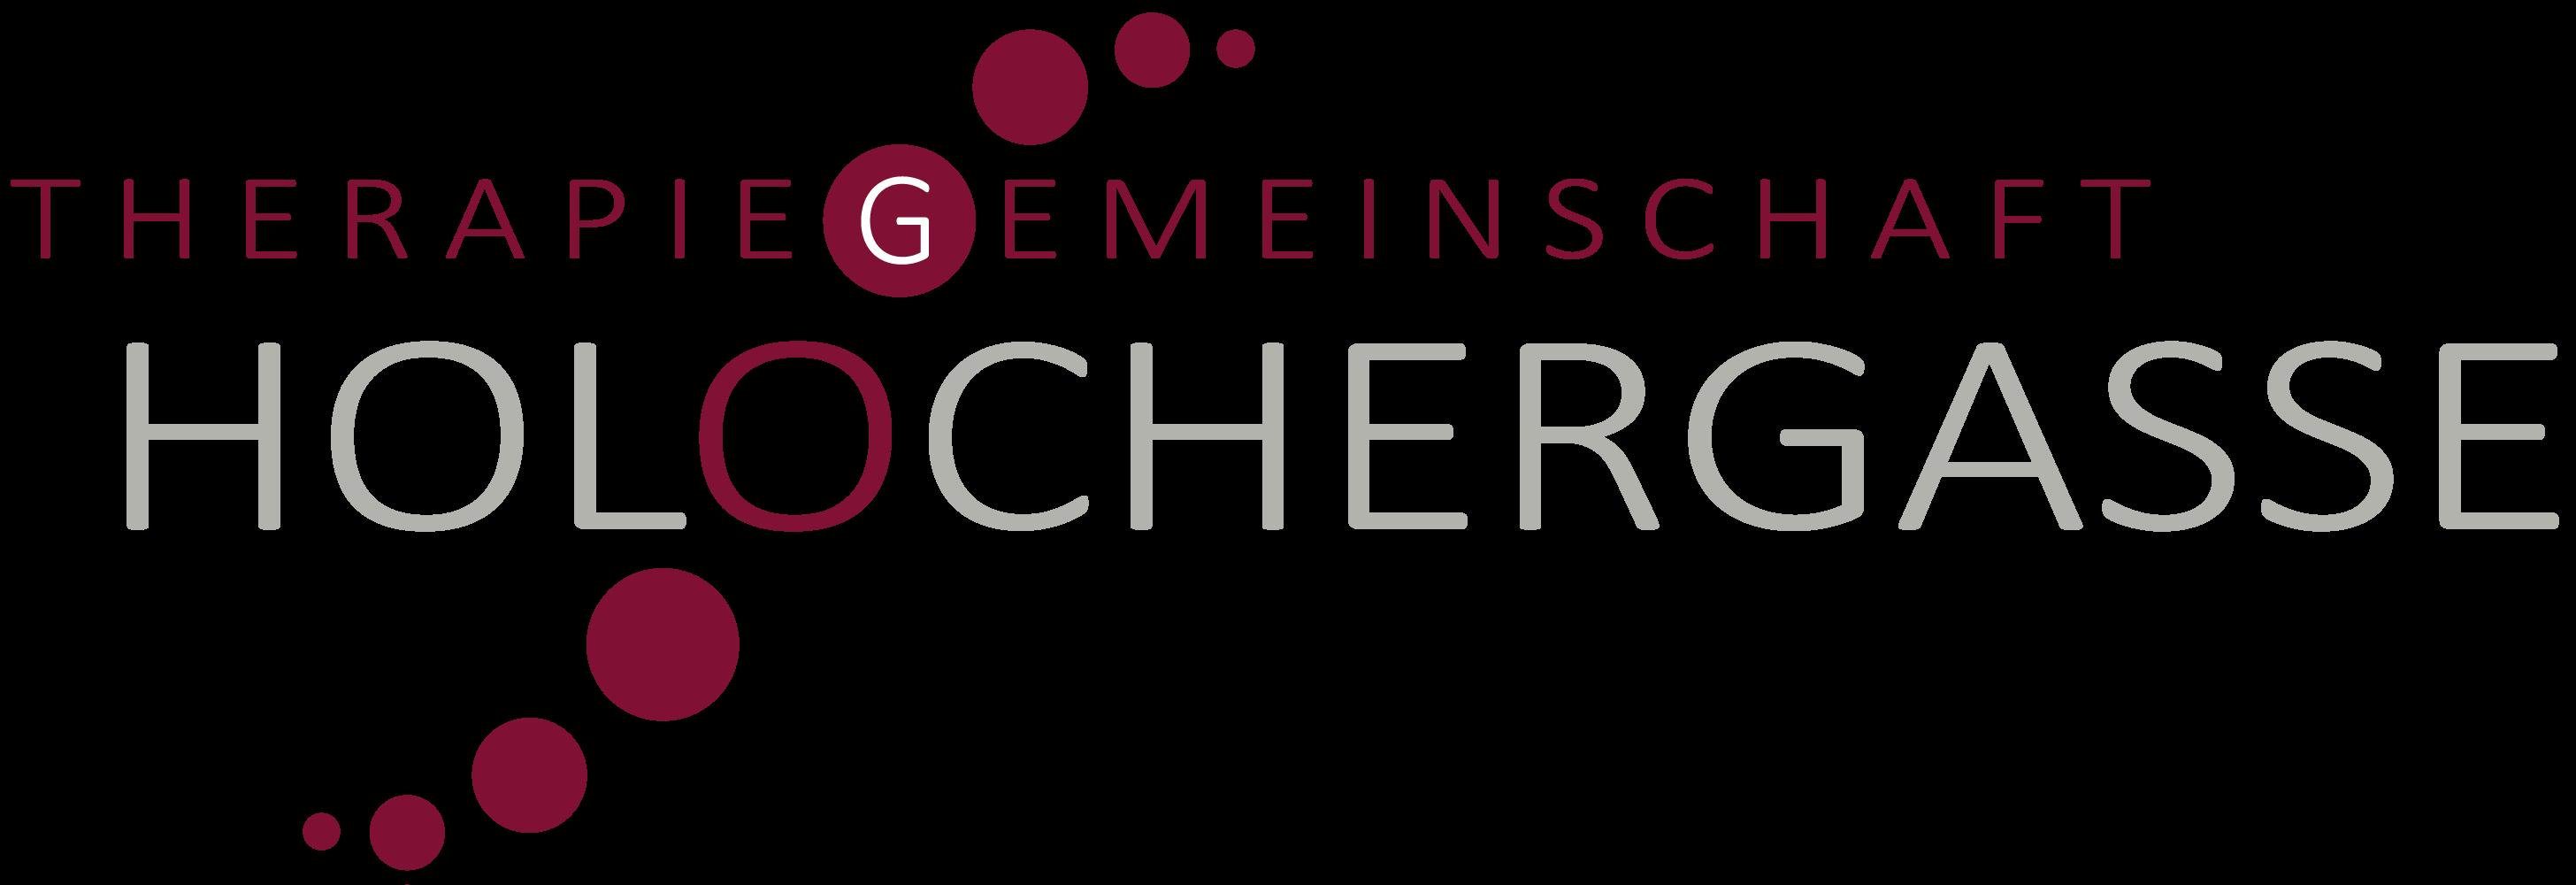 Therapiegemeinschaft Holochergasse